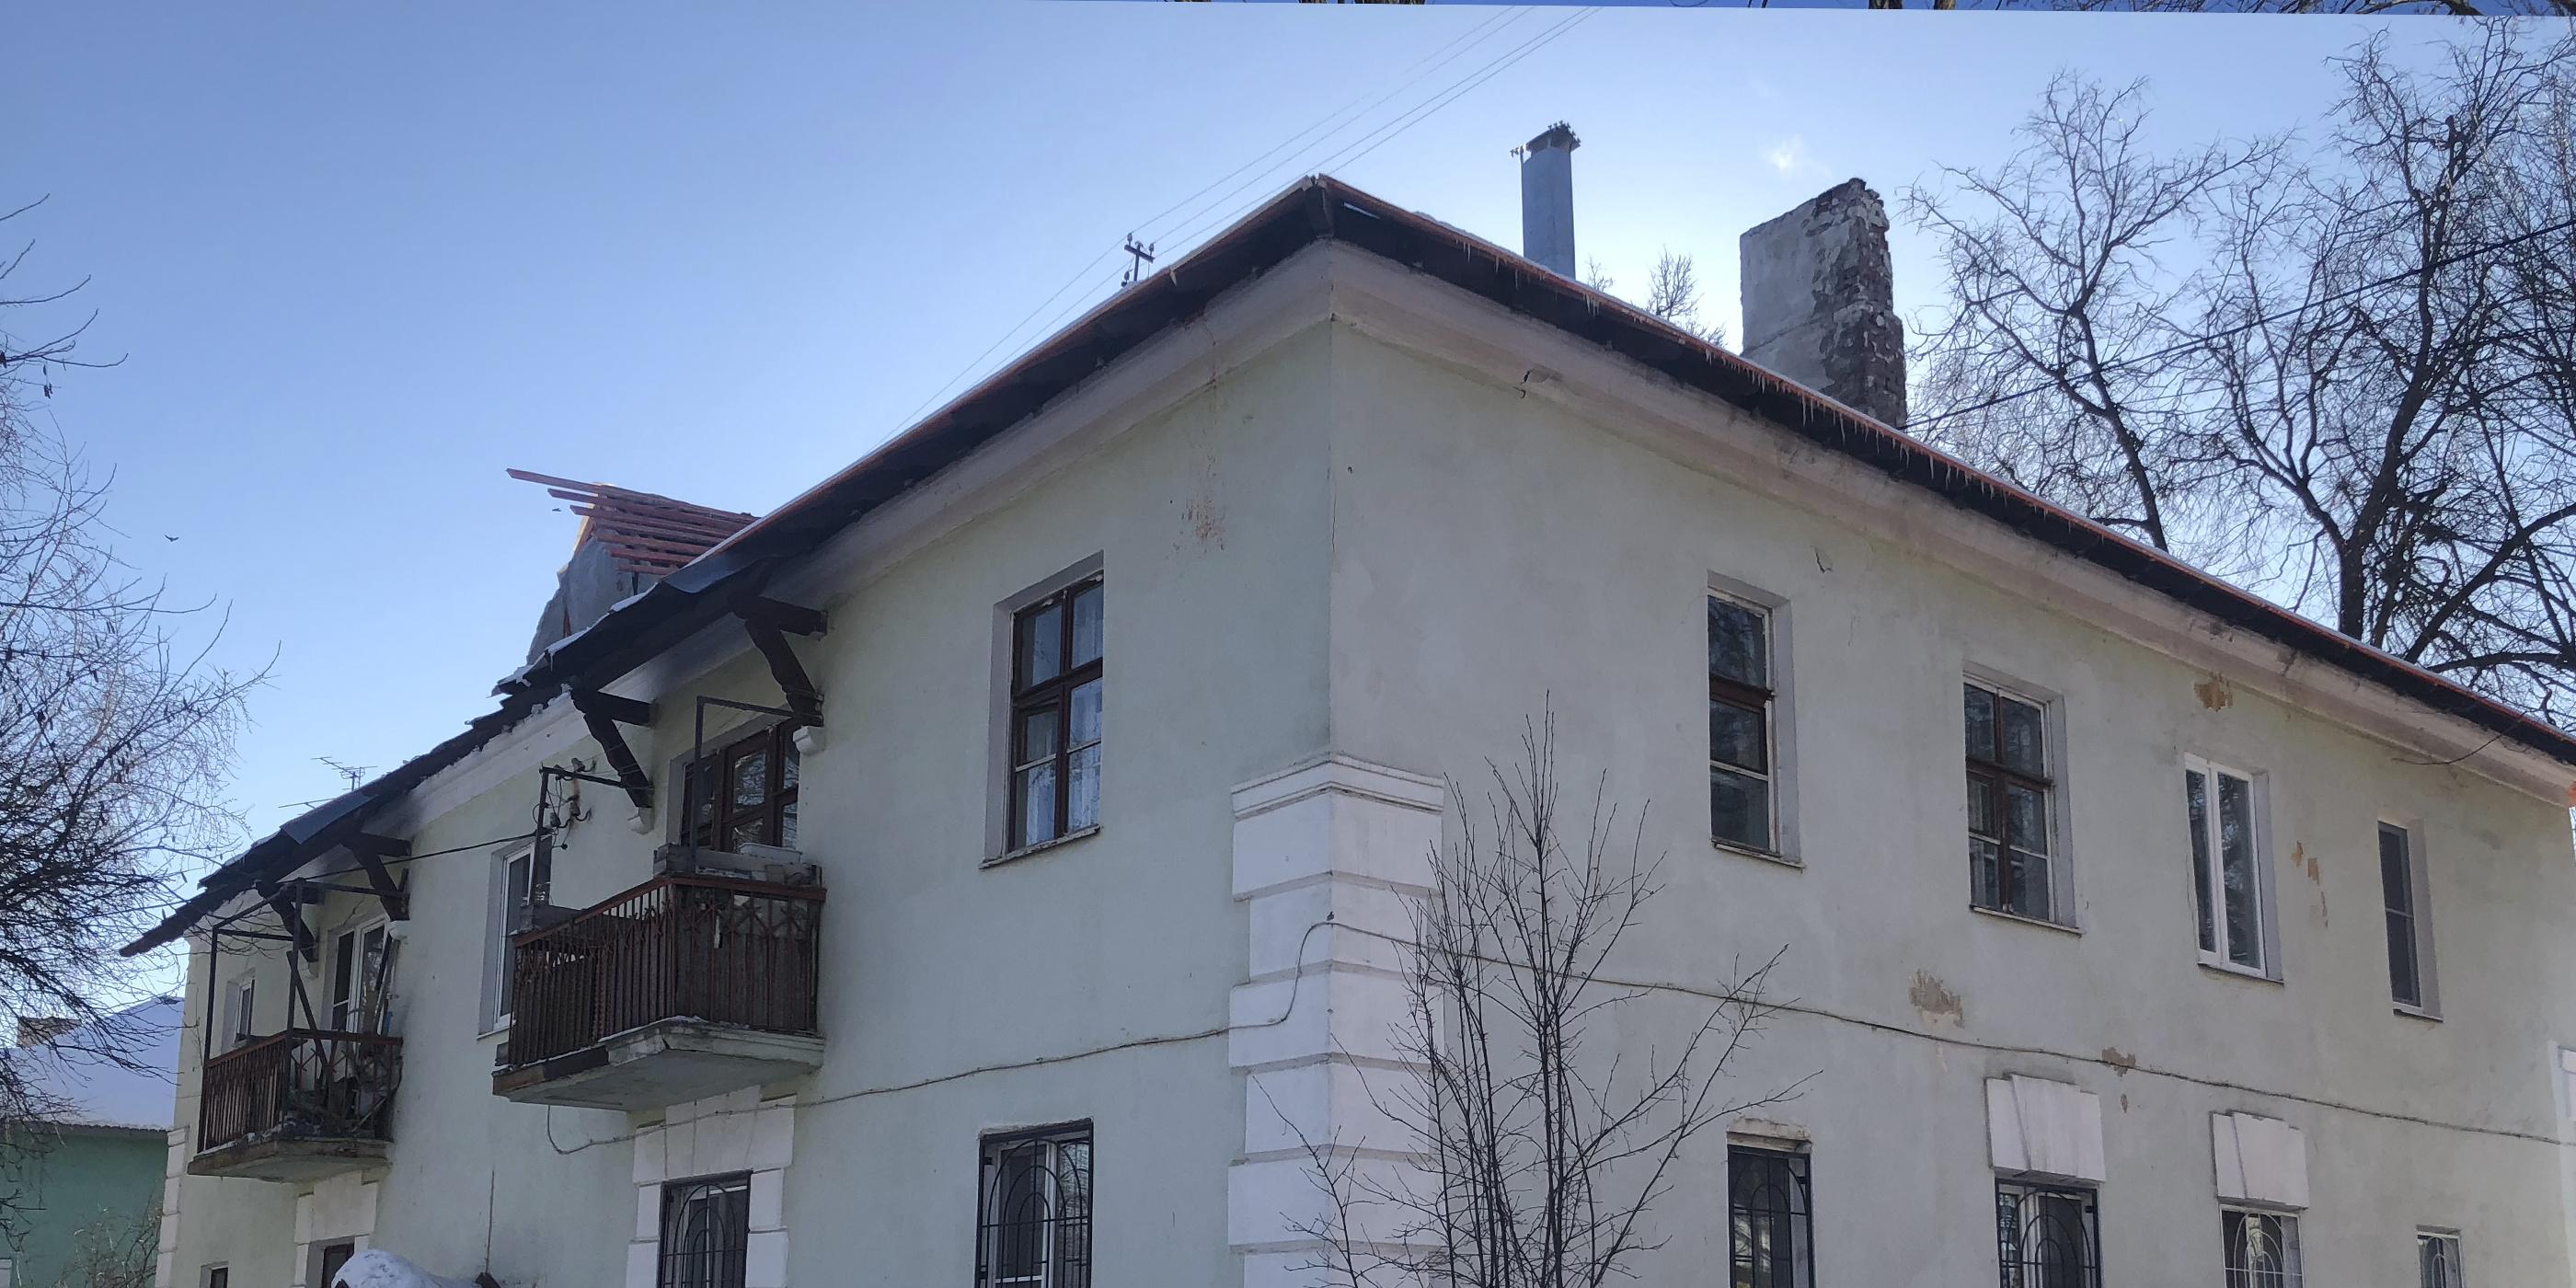 г.о. Коломна, ул. Чкалова, д. 22